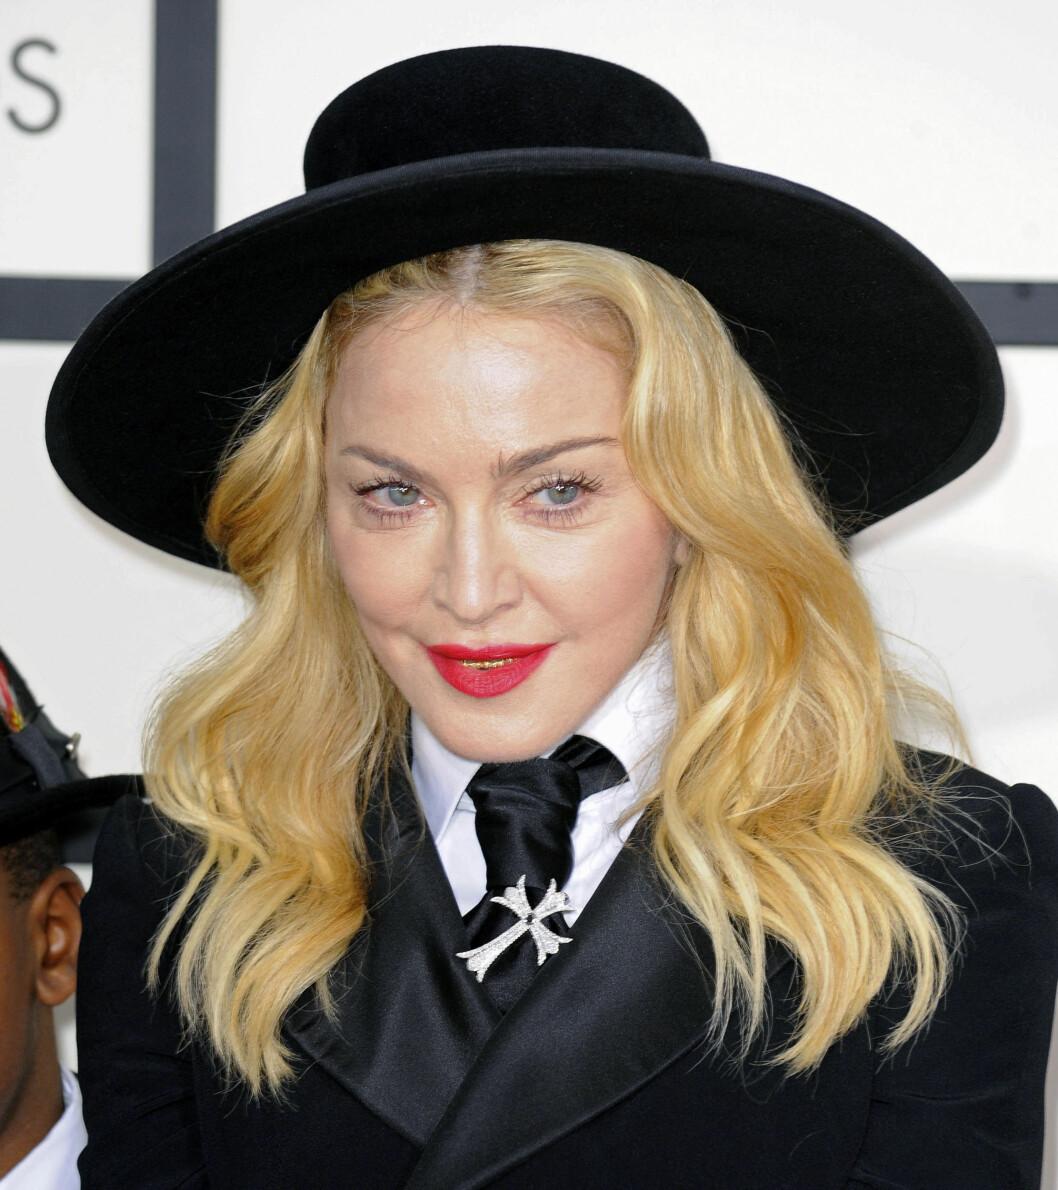 KJENT FJES: Madonna er en av kjendisene som tilhører trosretningen Kabbalah. Foto: FameFlynet